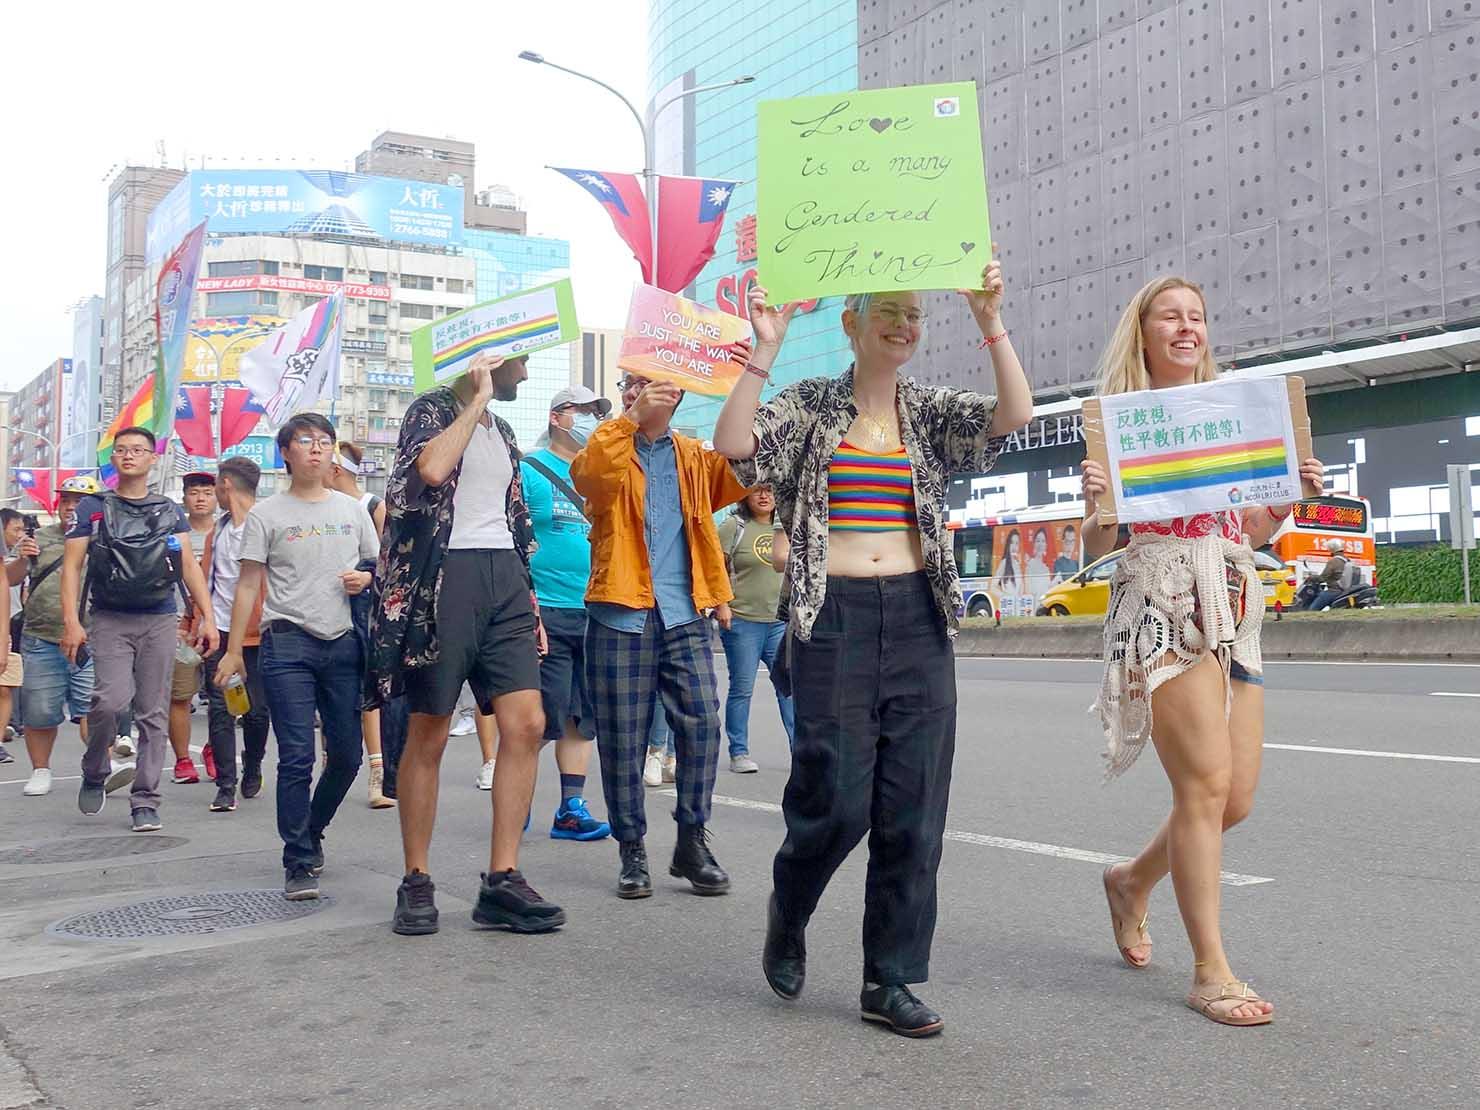 台灣同志遊行(台湾LGBTプライド)2019のパレードでプラカードを掲げて歩く海外からの参加者